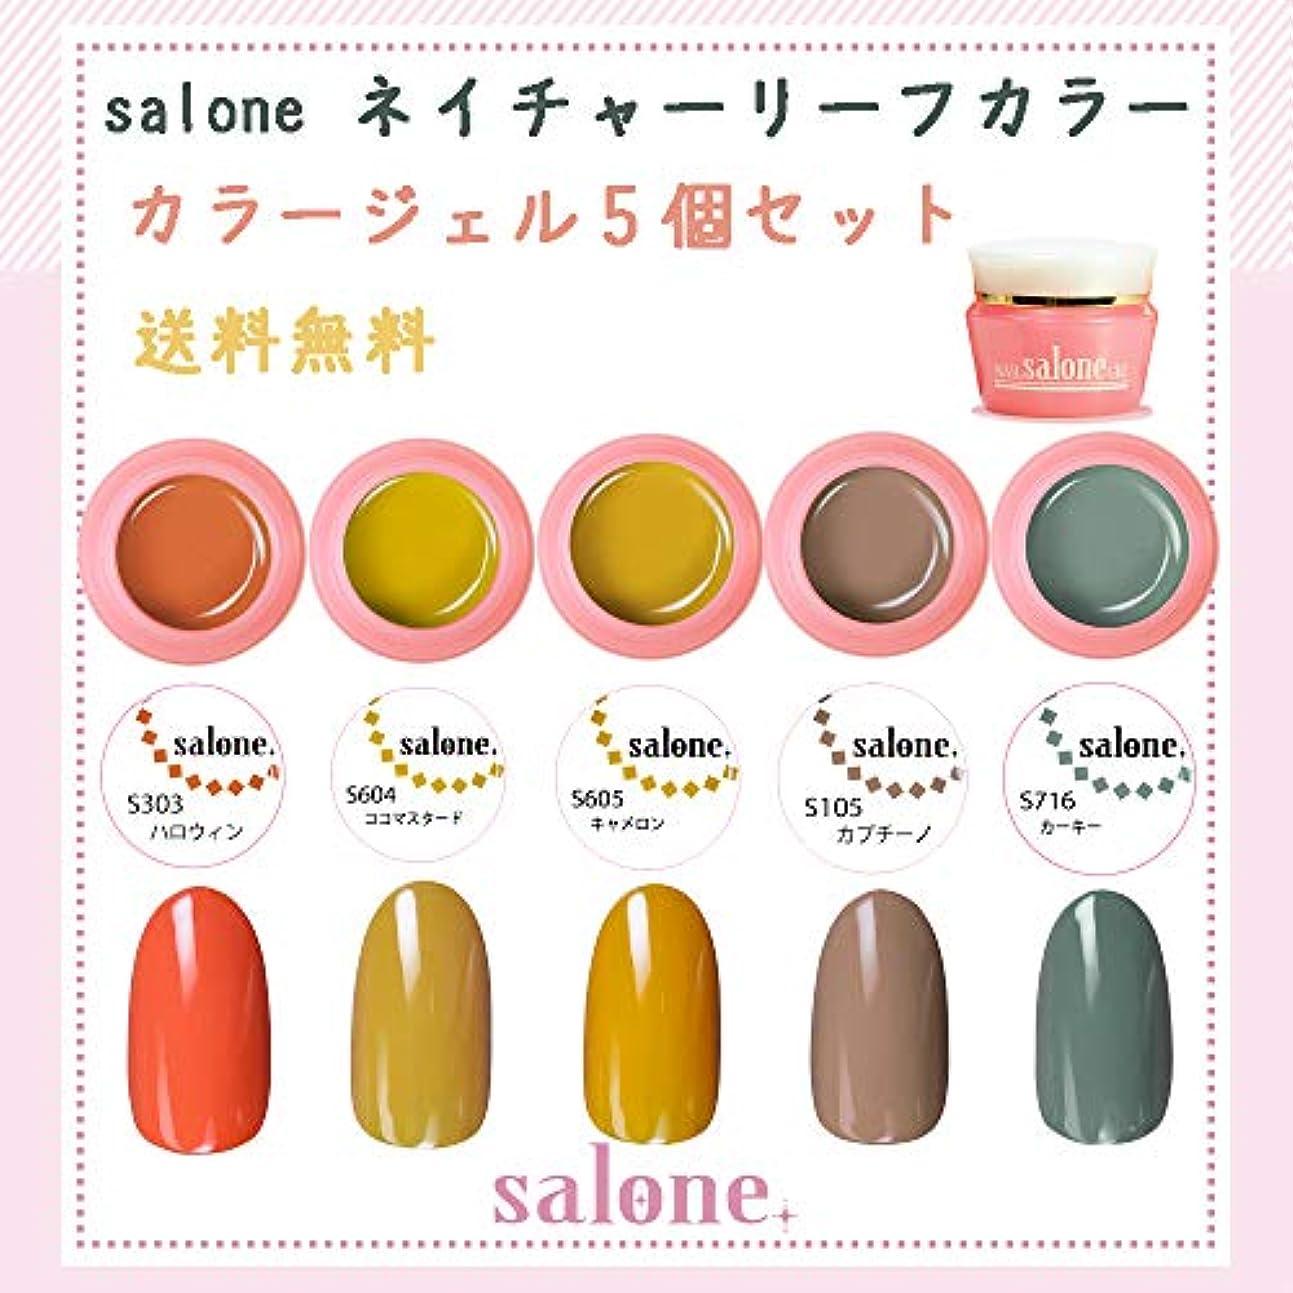 機転にやにやにおい【送料無料 日本製】Salone ネイチャーリーフカラージェル5個セット ボタニカルでネイチャーなカラーをチョイス。